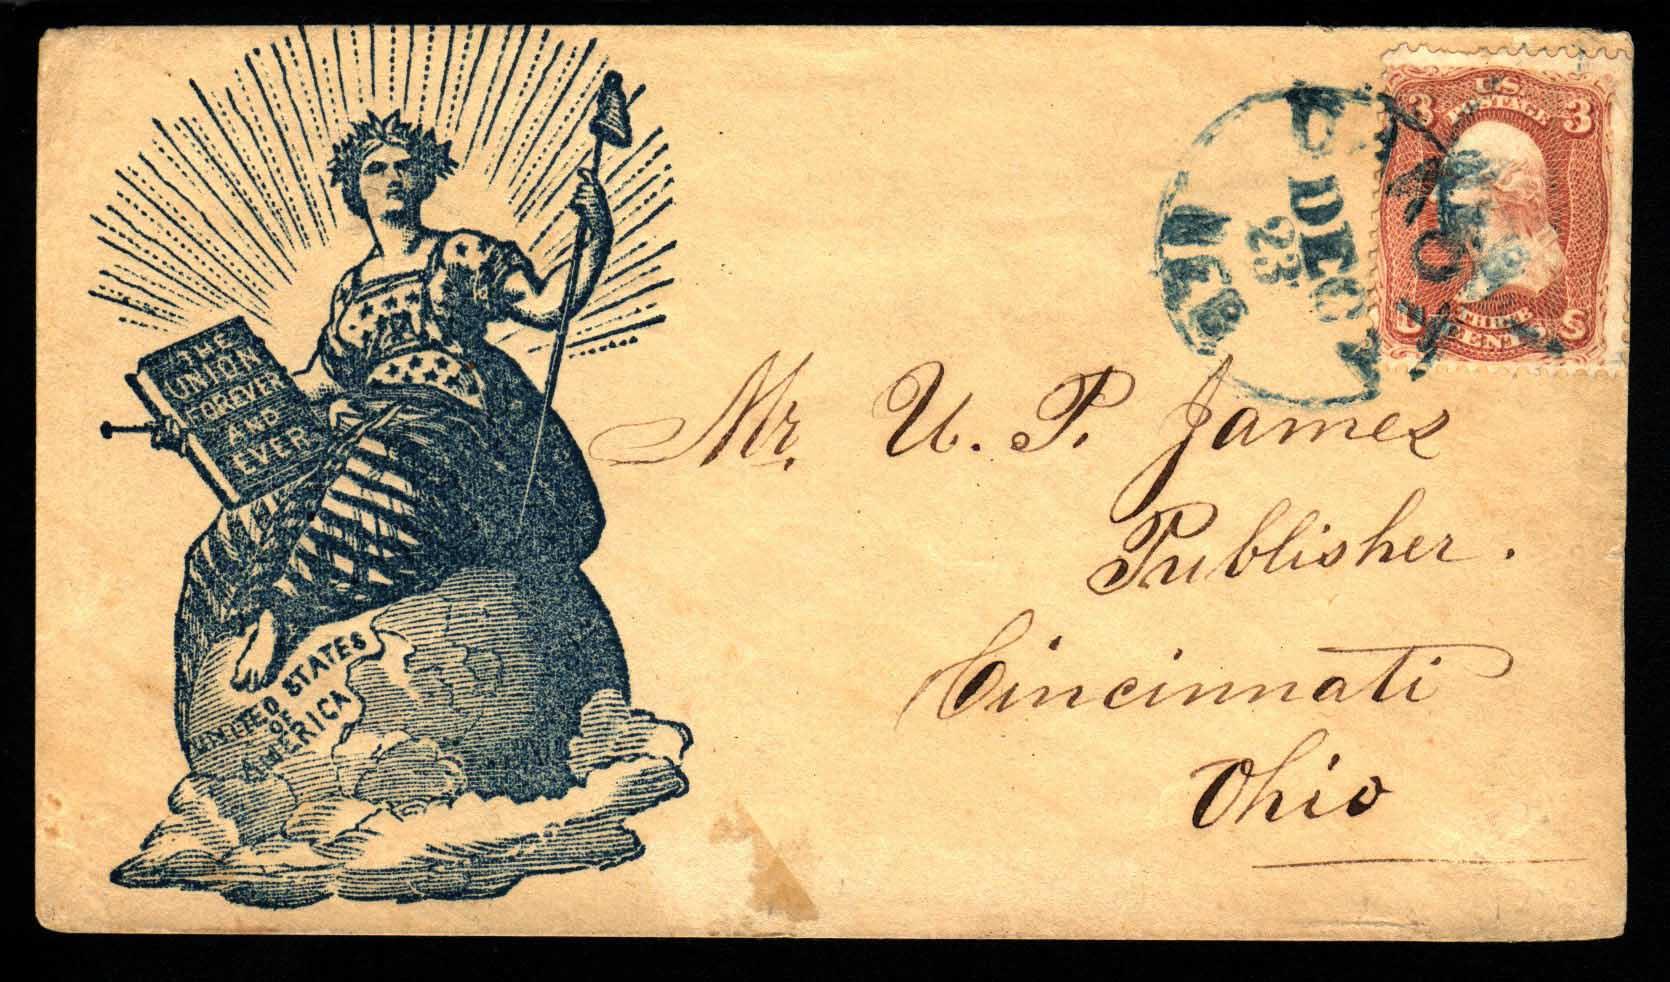 Dakota 1862 12 23